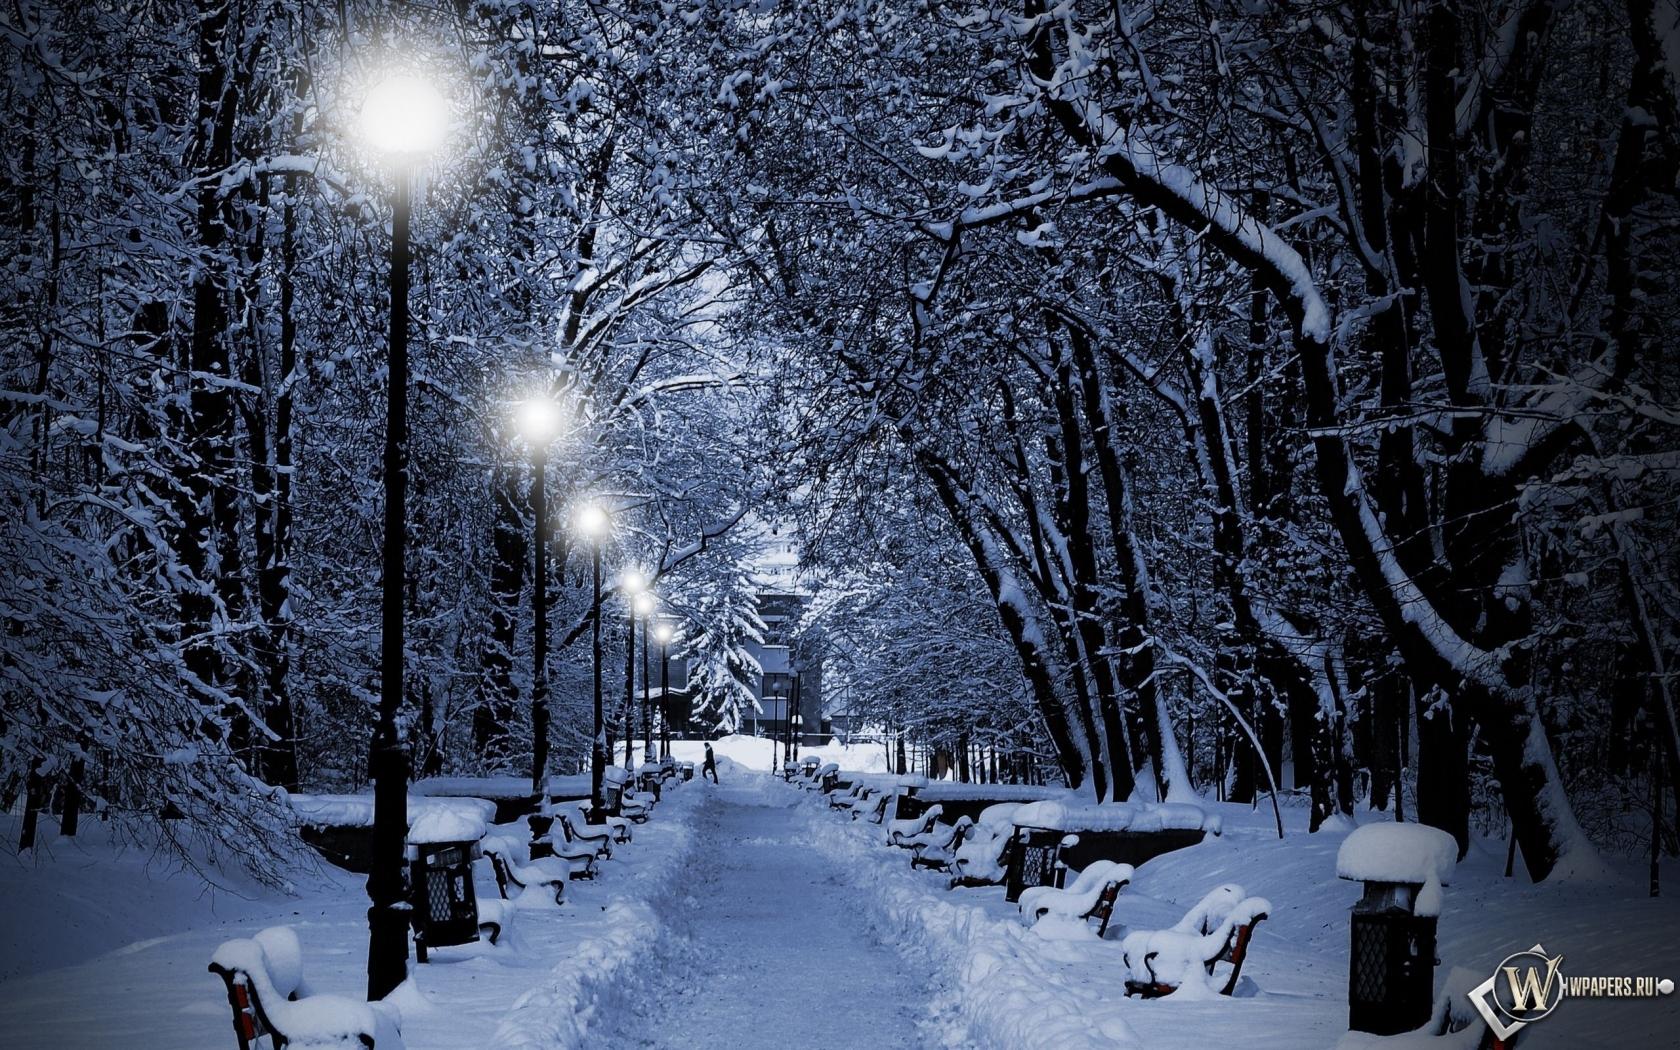 Аллея зимой 1680x1050